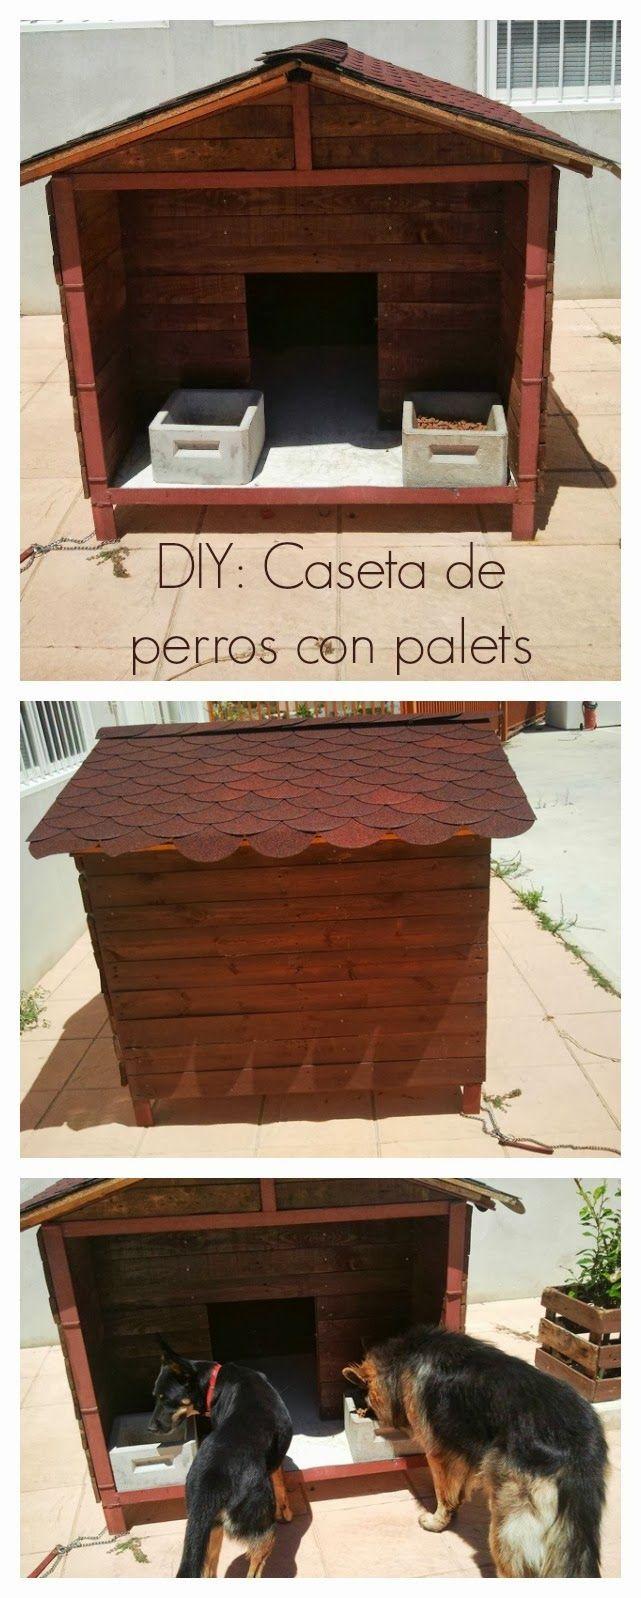 DIY: Cómo hacer una caseta de perros con palets : x4duros.com